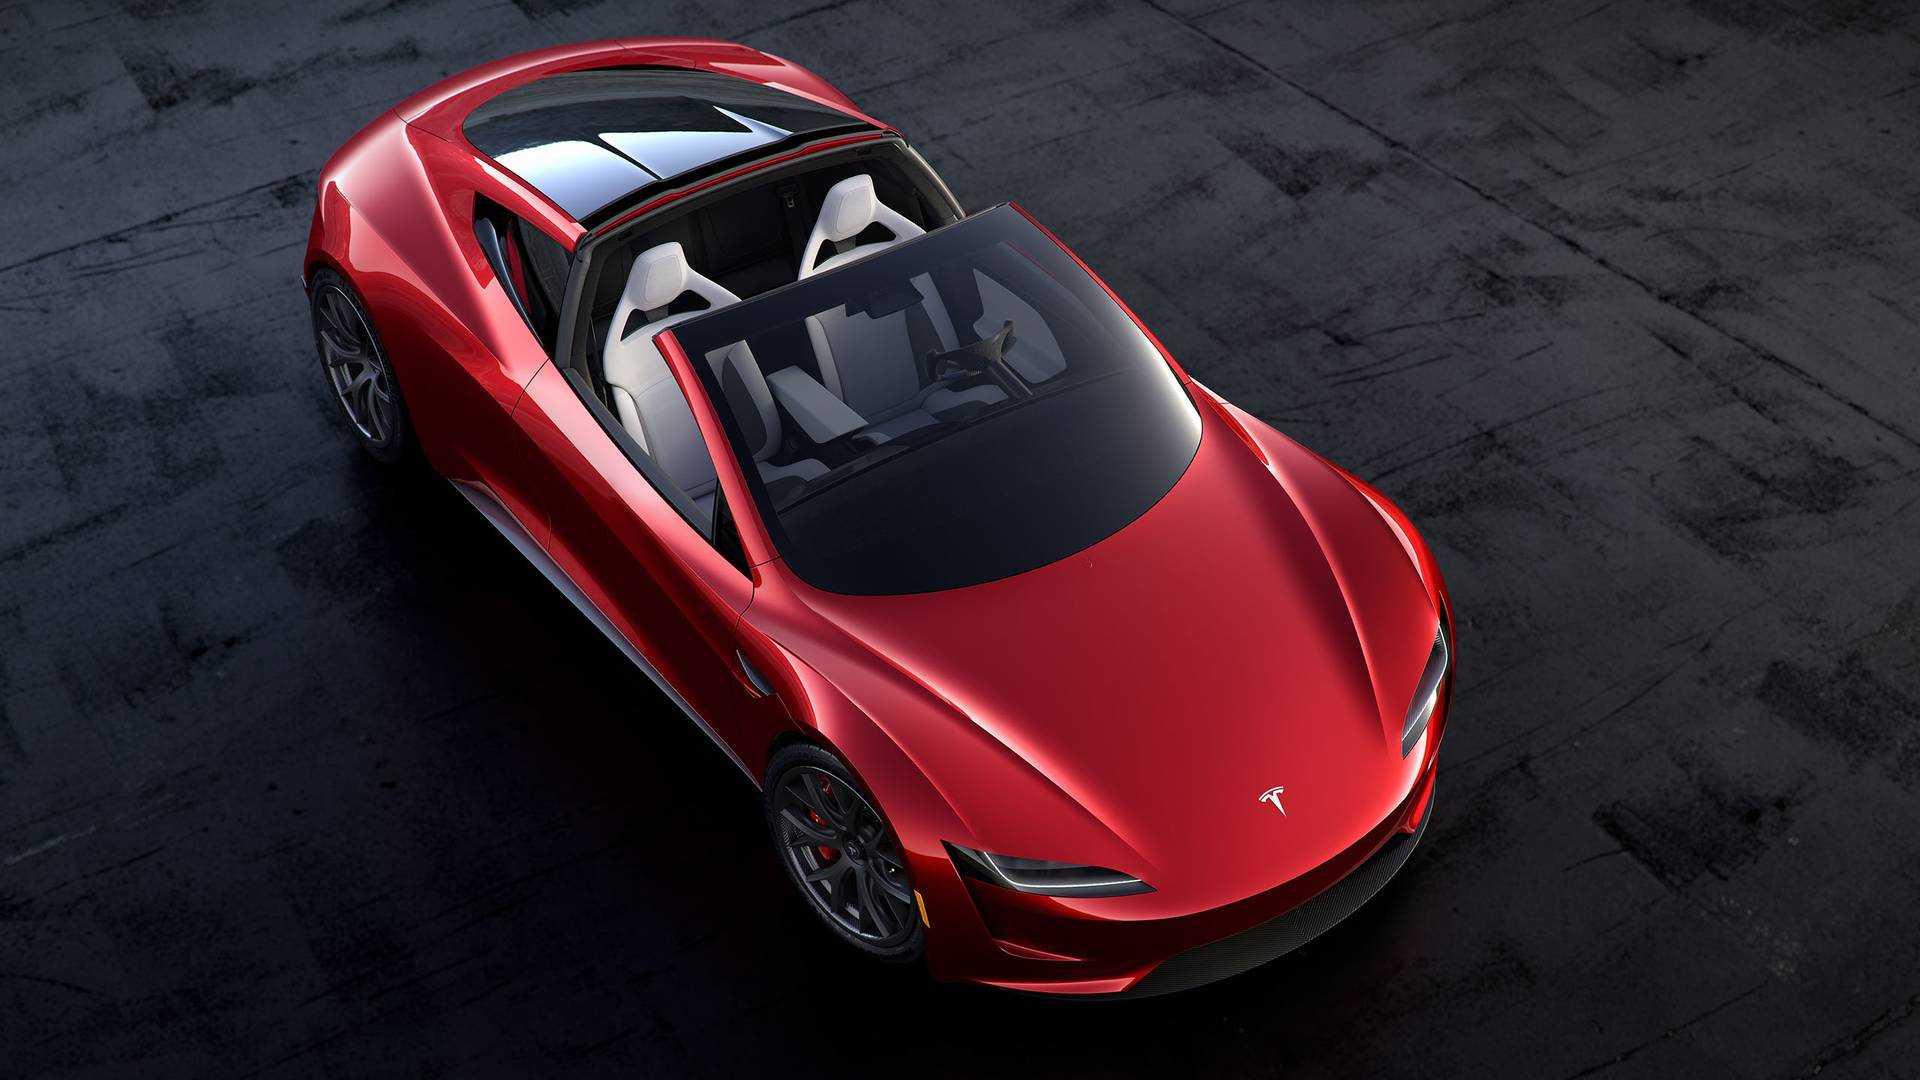 نمای کلی بهترین خودروی الکتریکی